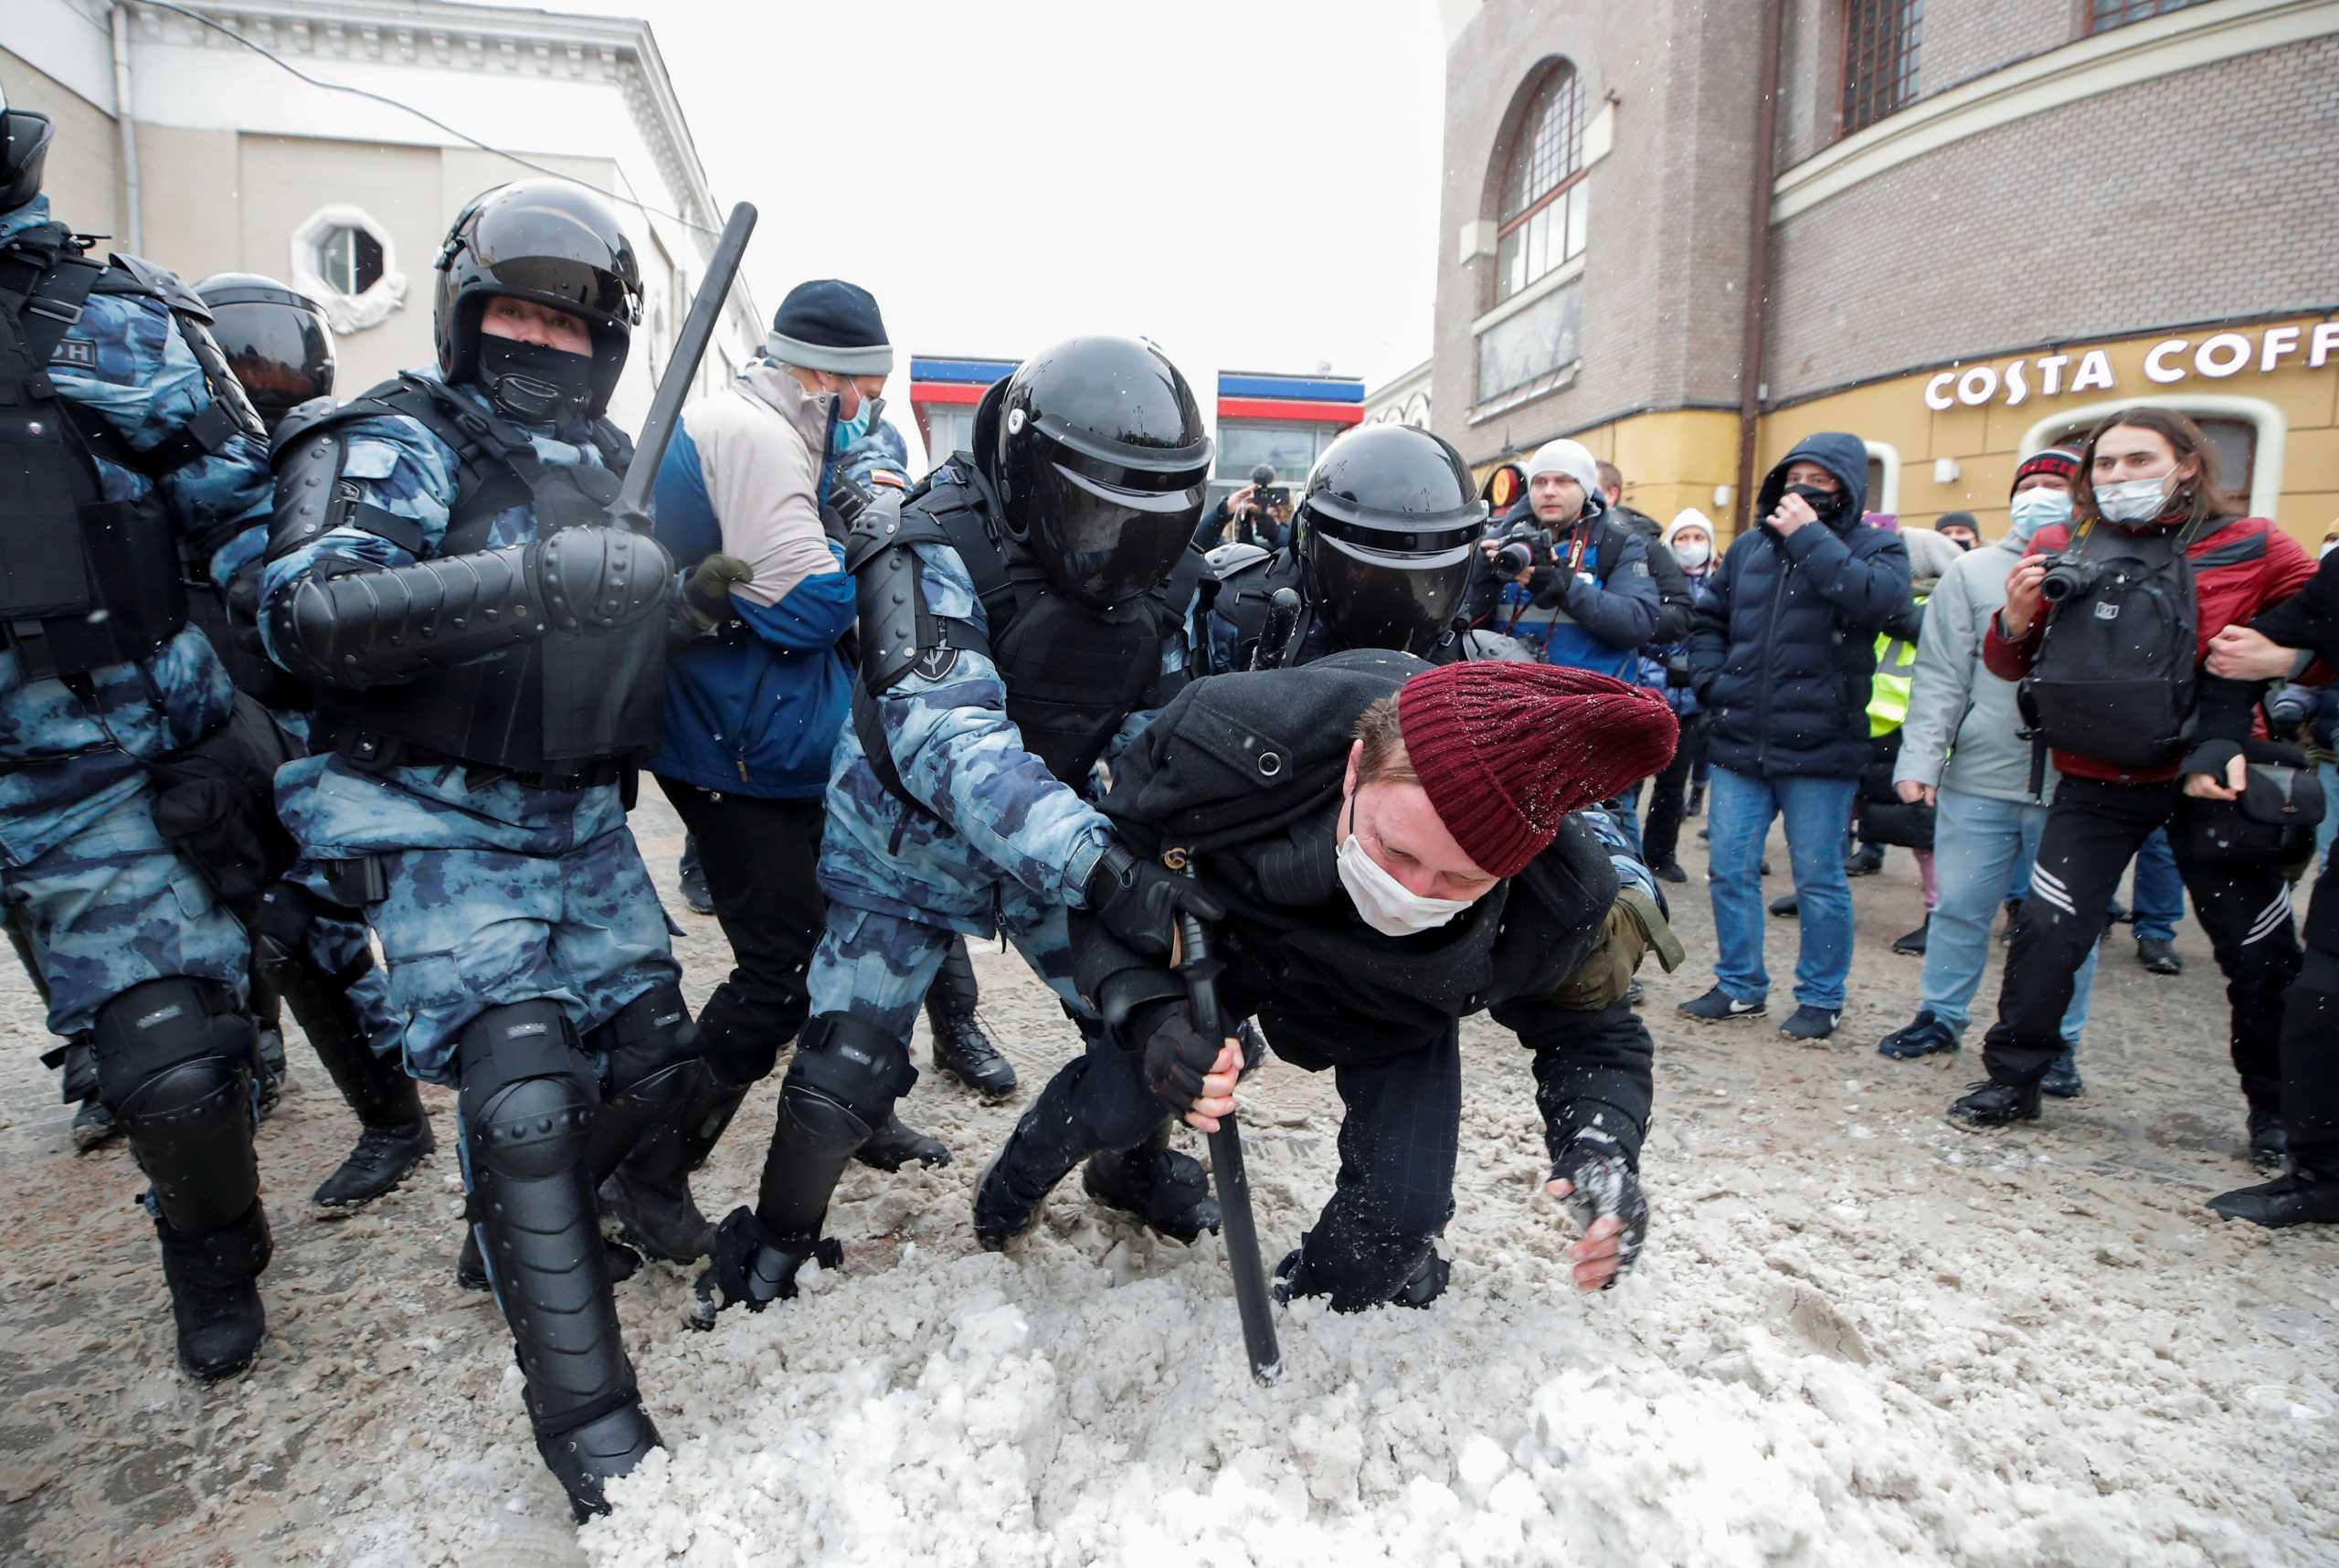 Ρωσία: Χειροπέδες σε 2.119 διαδηλωτές που υποστηρίζουν τον Ναβάλνι – Συνελήφθη και η γυναίκα του (pics)